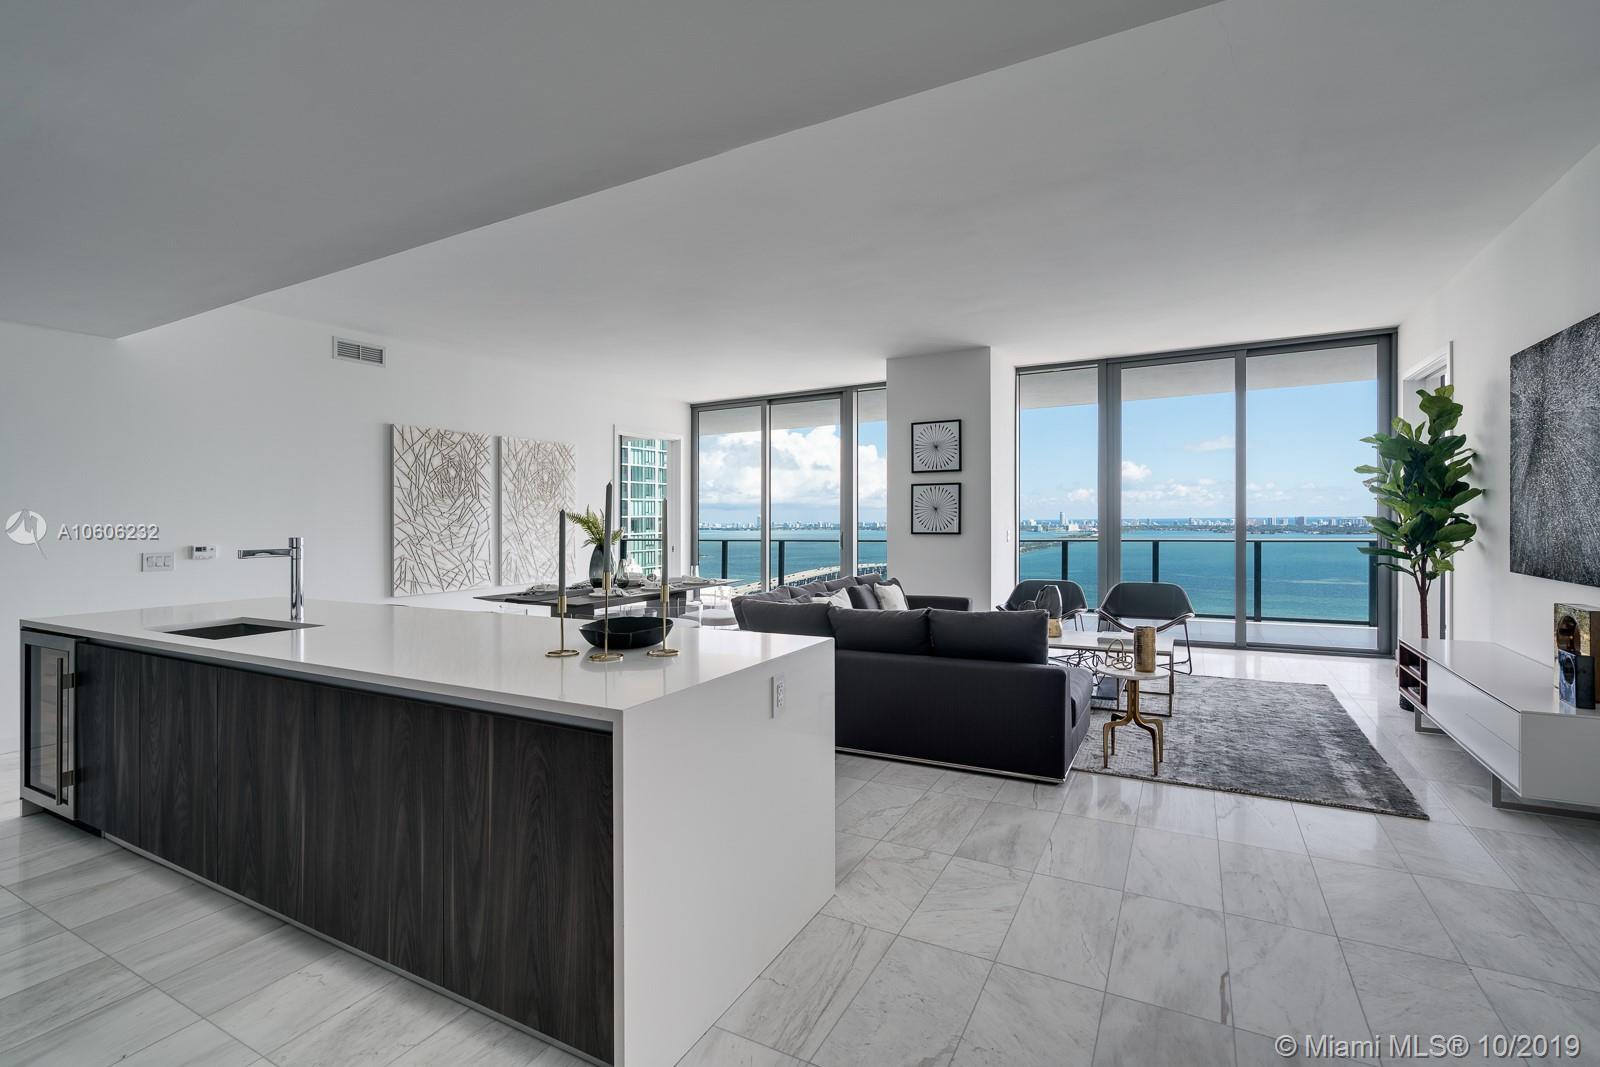 480 NE 31st Street, Miami Shores, Florida